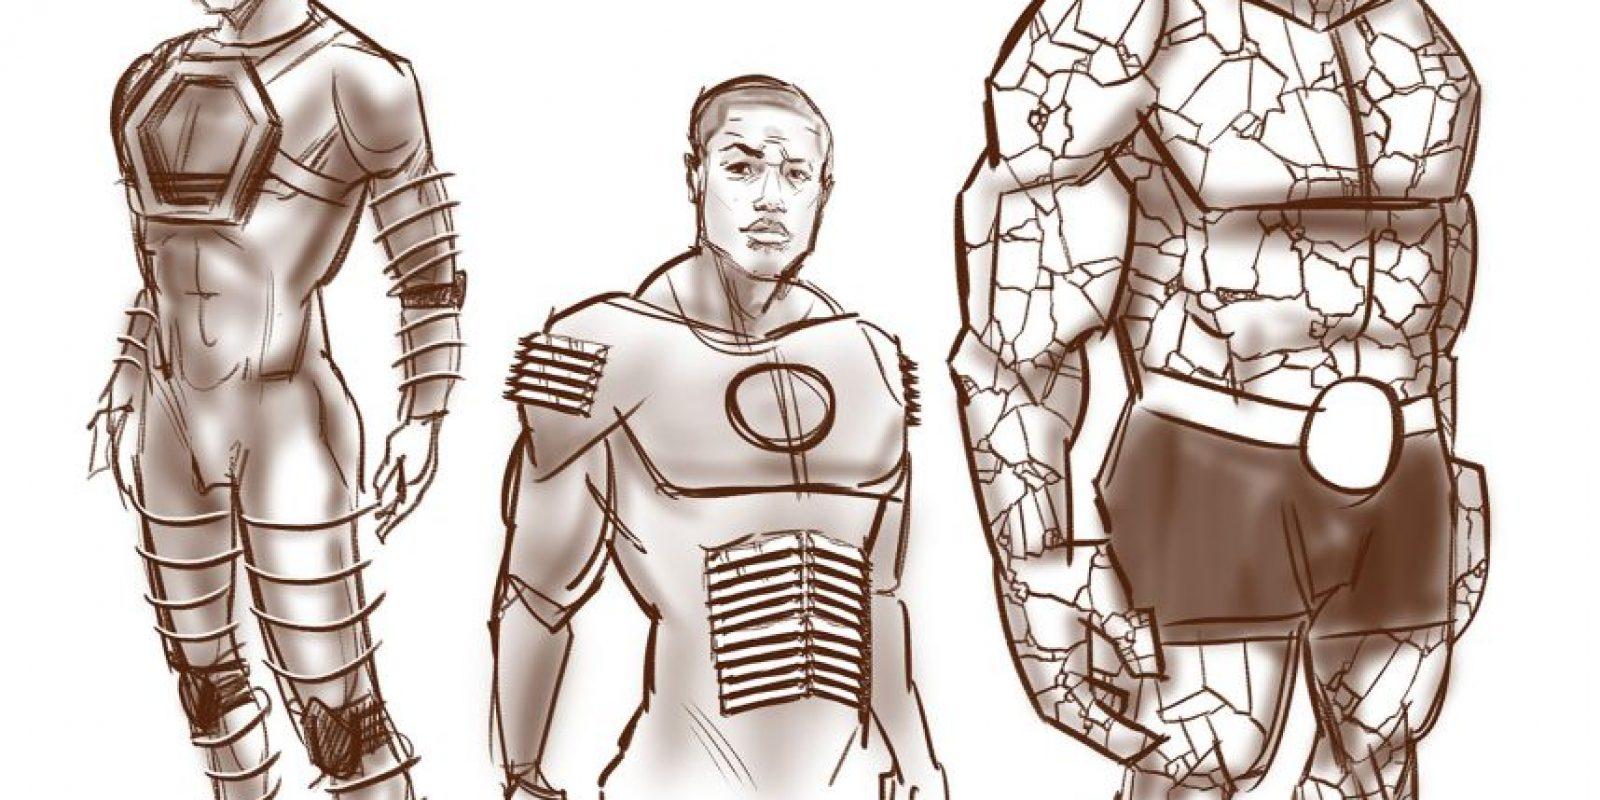 El arte conceptual de los trajes Foto:comicbook.com